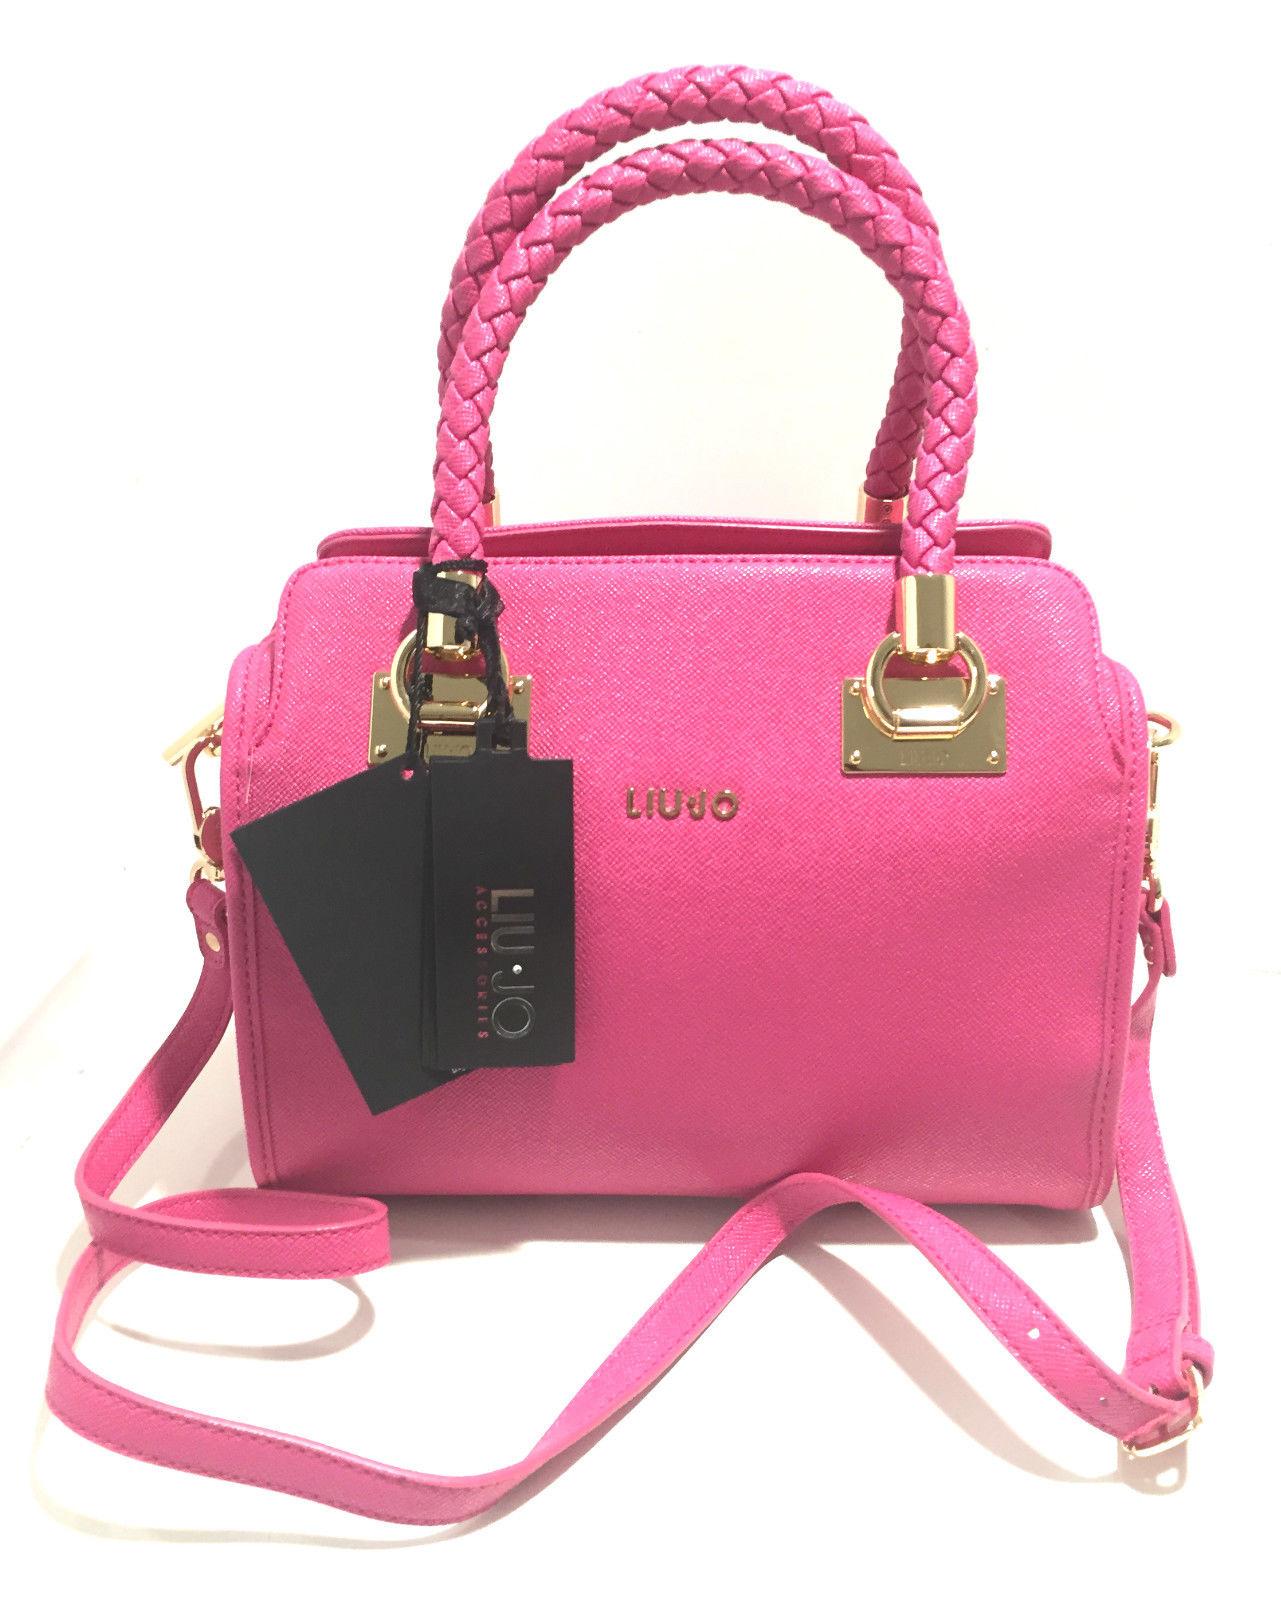 buscar autorización gran ajuste excepcional gama de estilos y colores Borse Liu Jo Anna | Borse e accessori